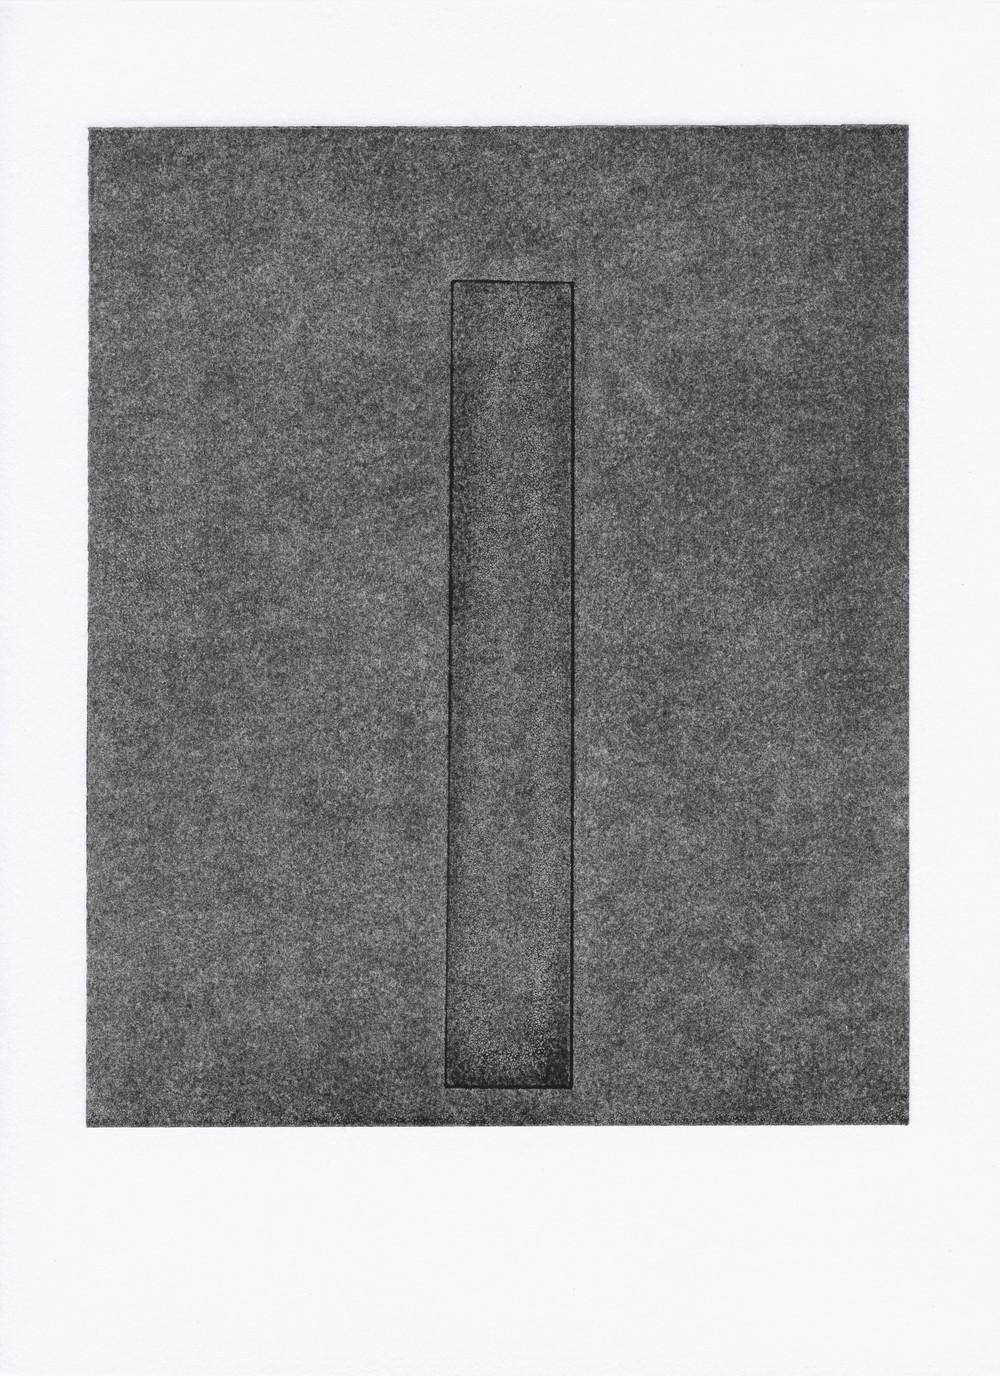 Untitled (door 2)